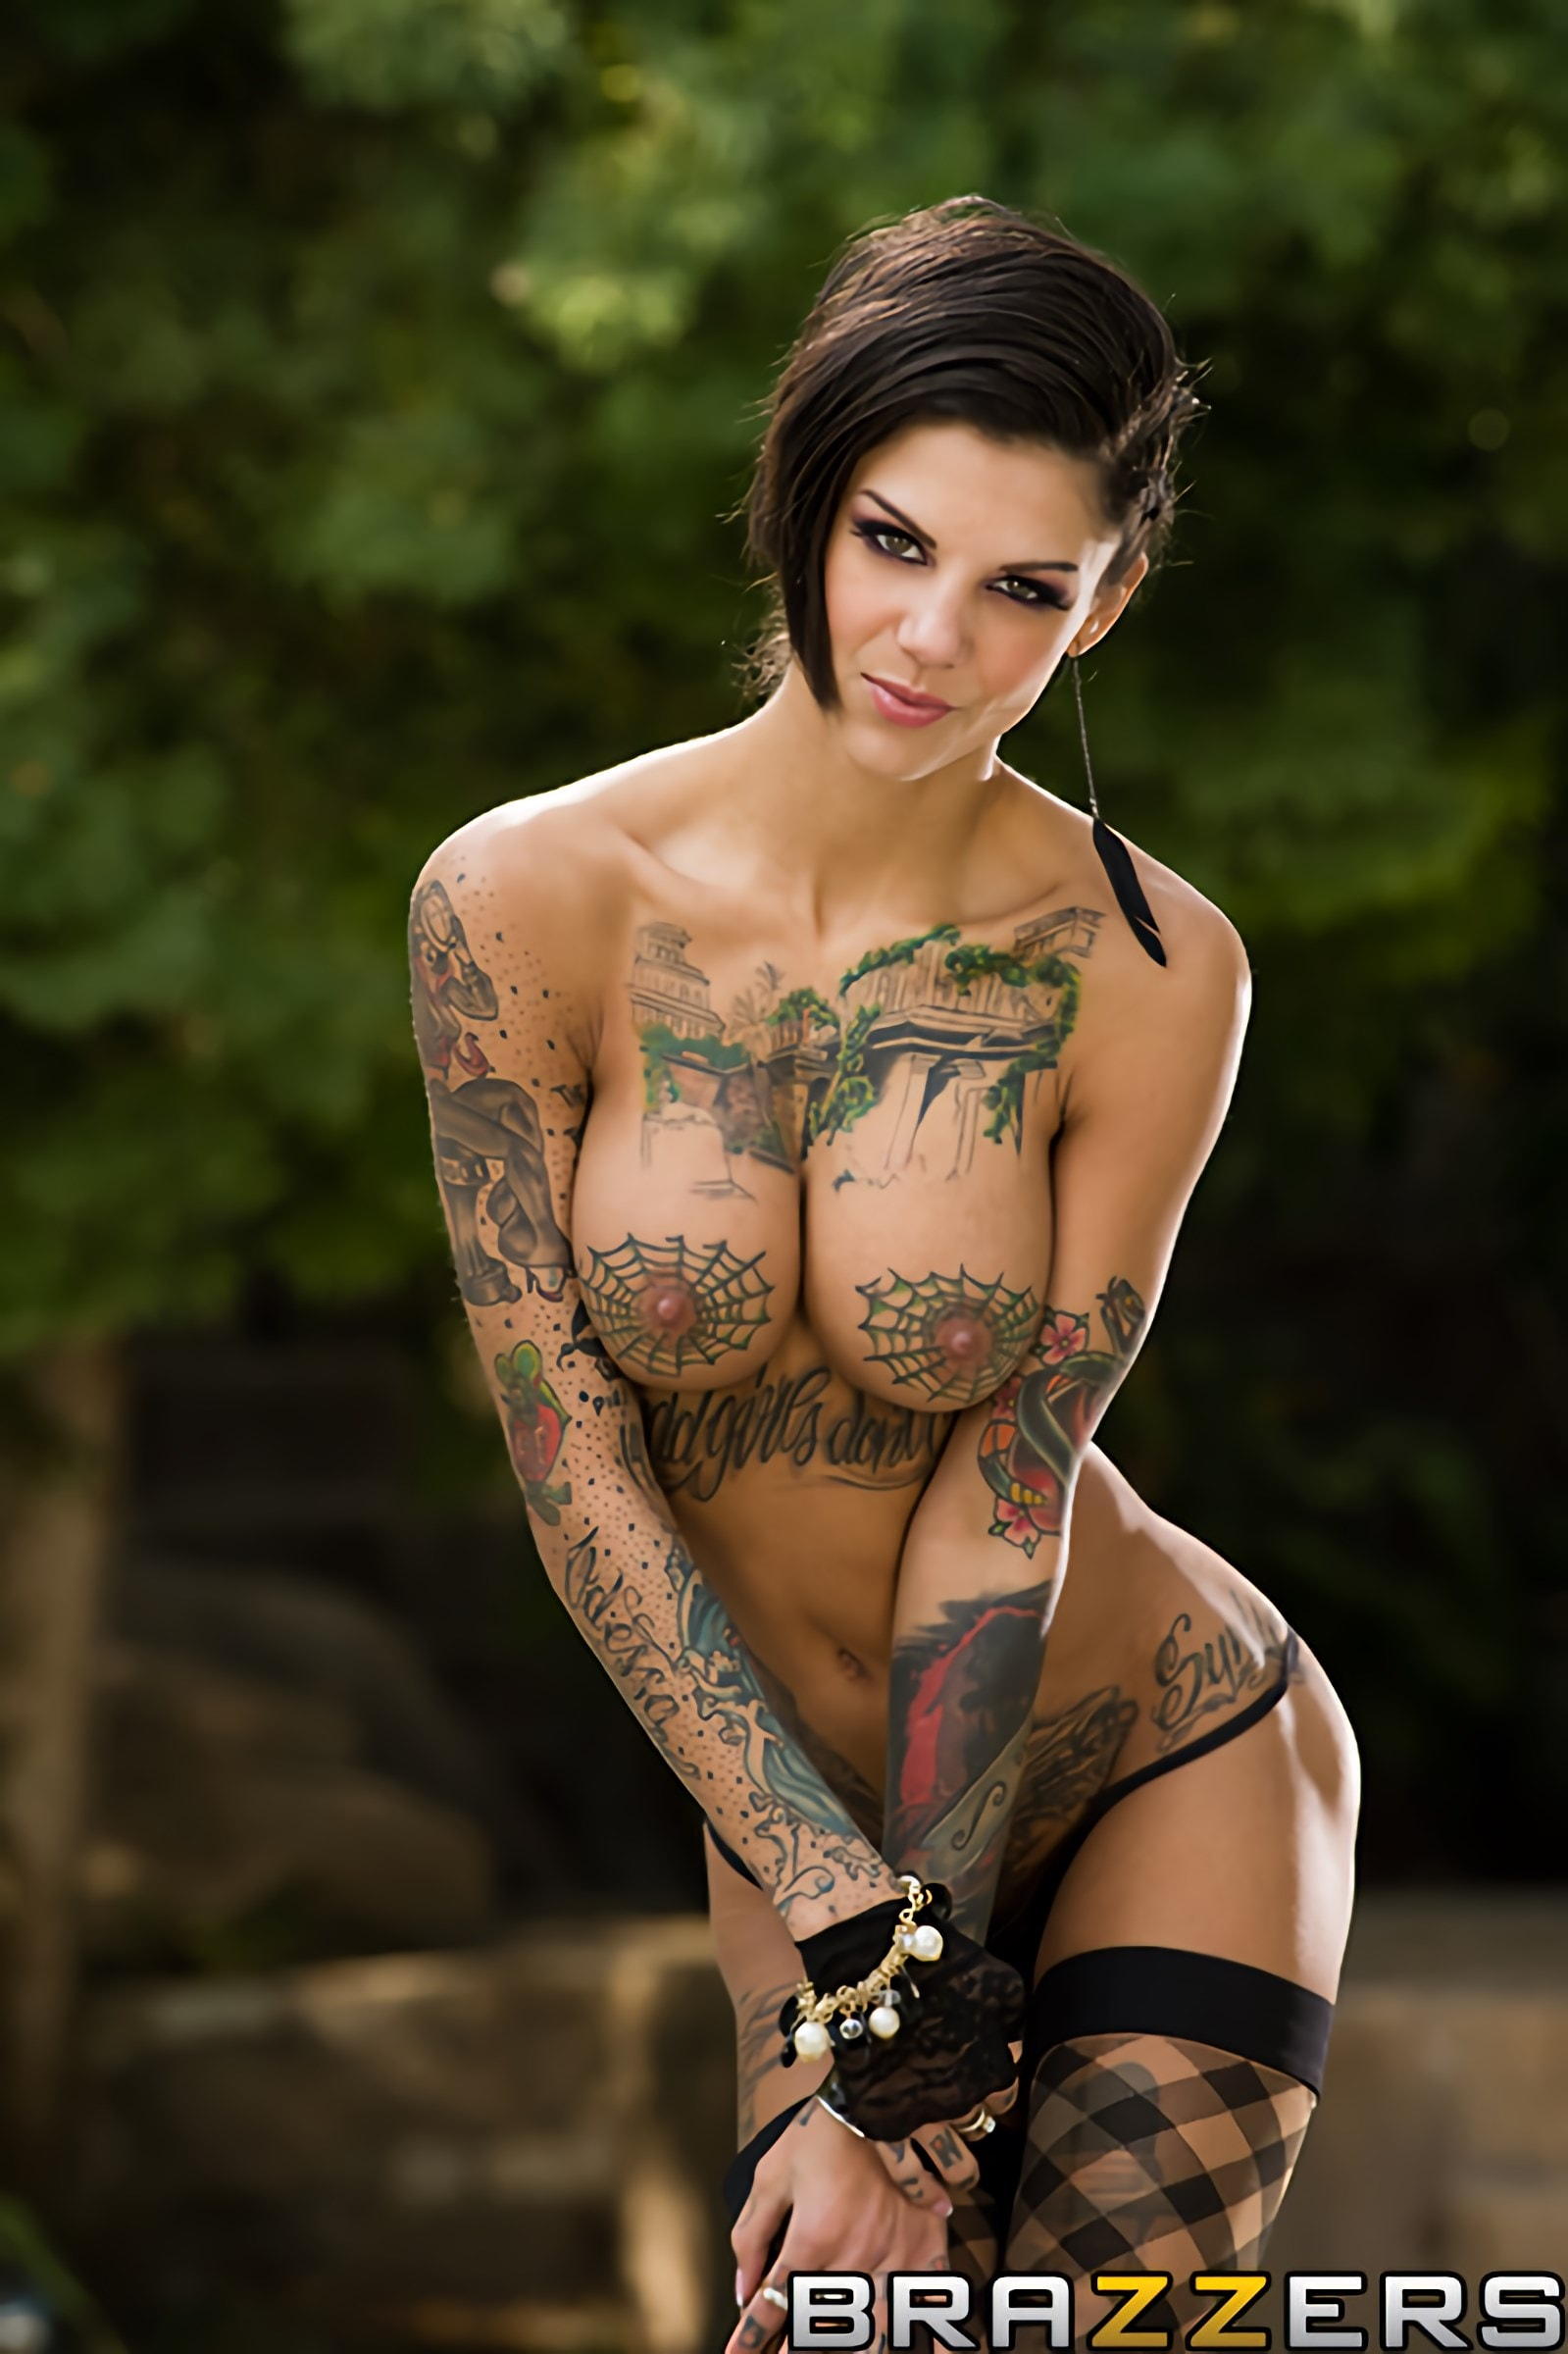 Порно актеры с татуировкой фото, смотреть видео знаменитости обнажение